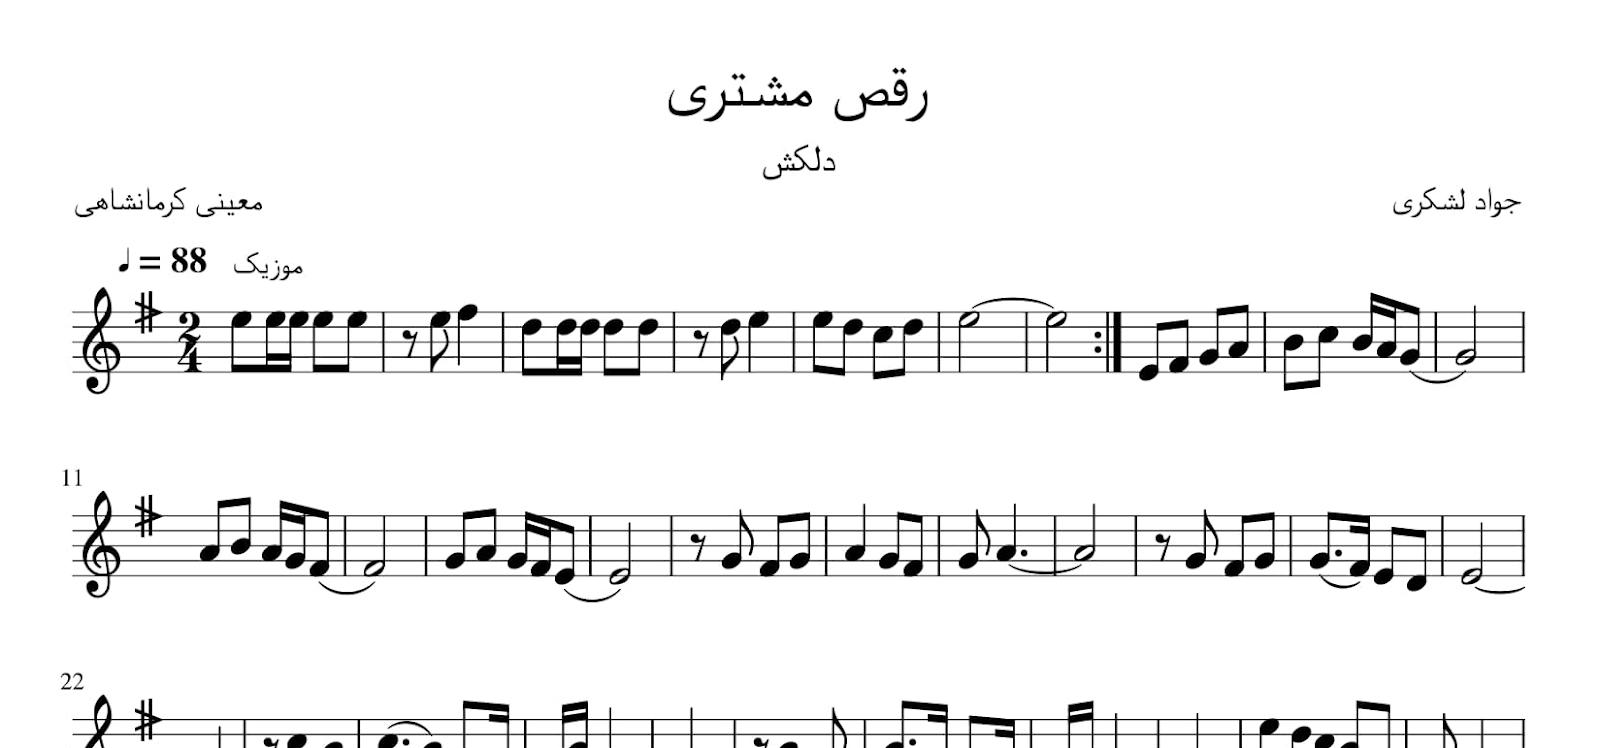 نت رقص مشتری جواد لشگری رحیم معینی کرمانشاهی دلکش آوانگاری احمد جباریان